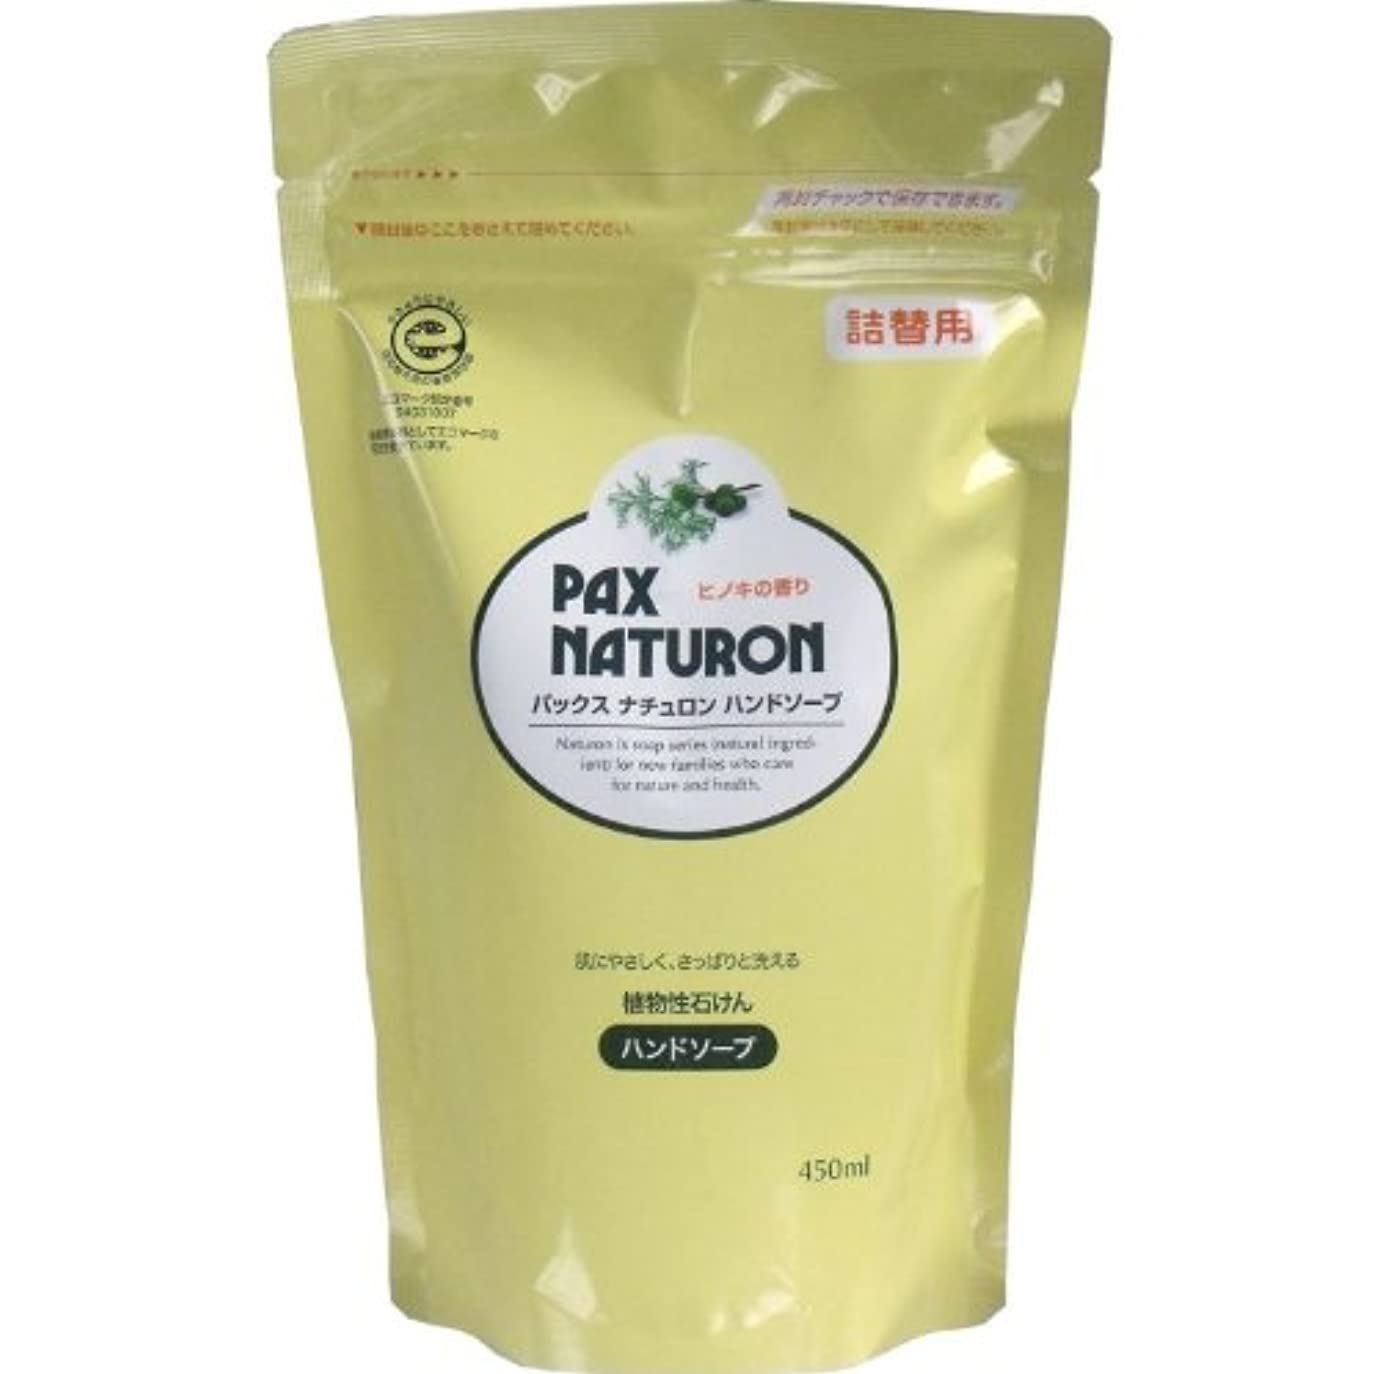 びっくりする遺伝子飛行場肌にやさしく、さっぱりと洗える植物性石けん!植物性ハンドソープ 詰替用 450mL